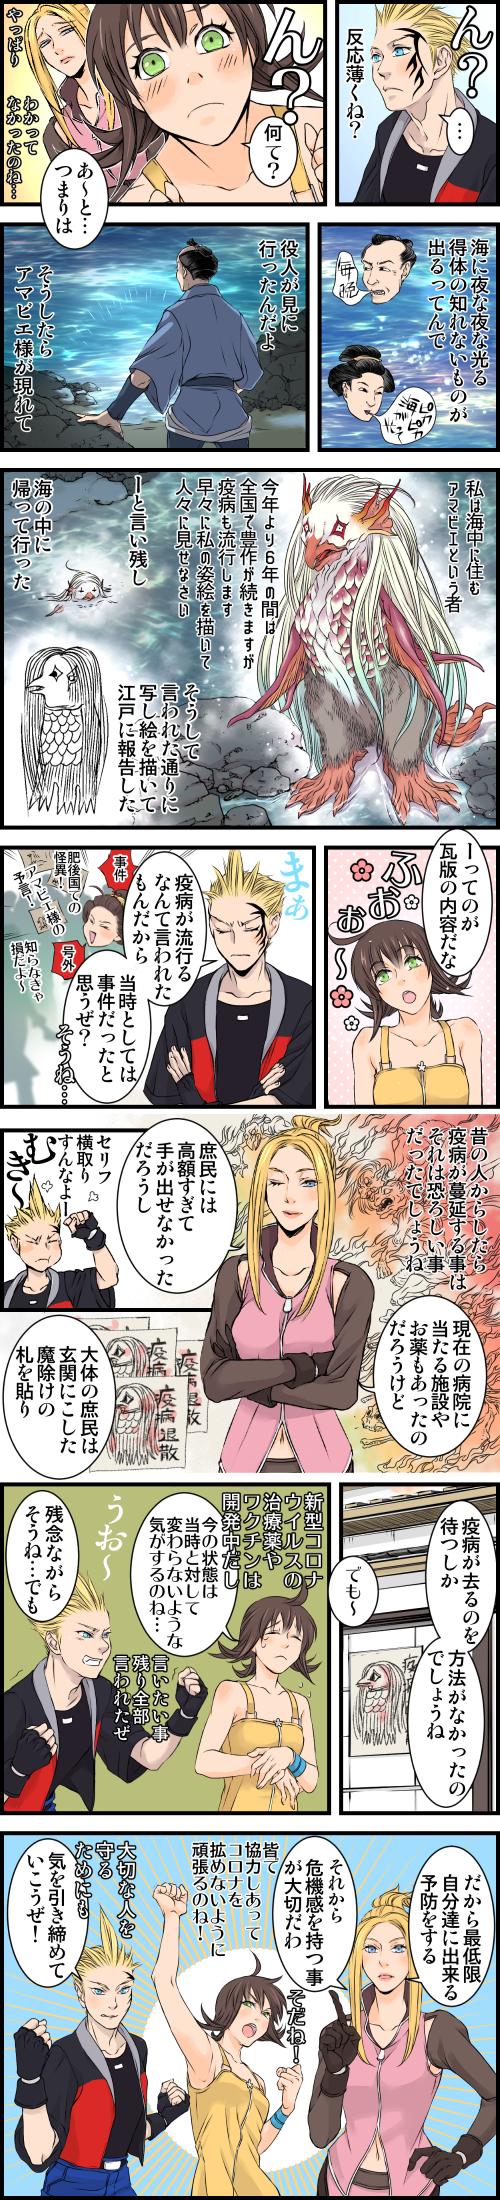 アマビエ様記事中漫画2